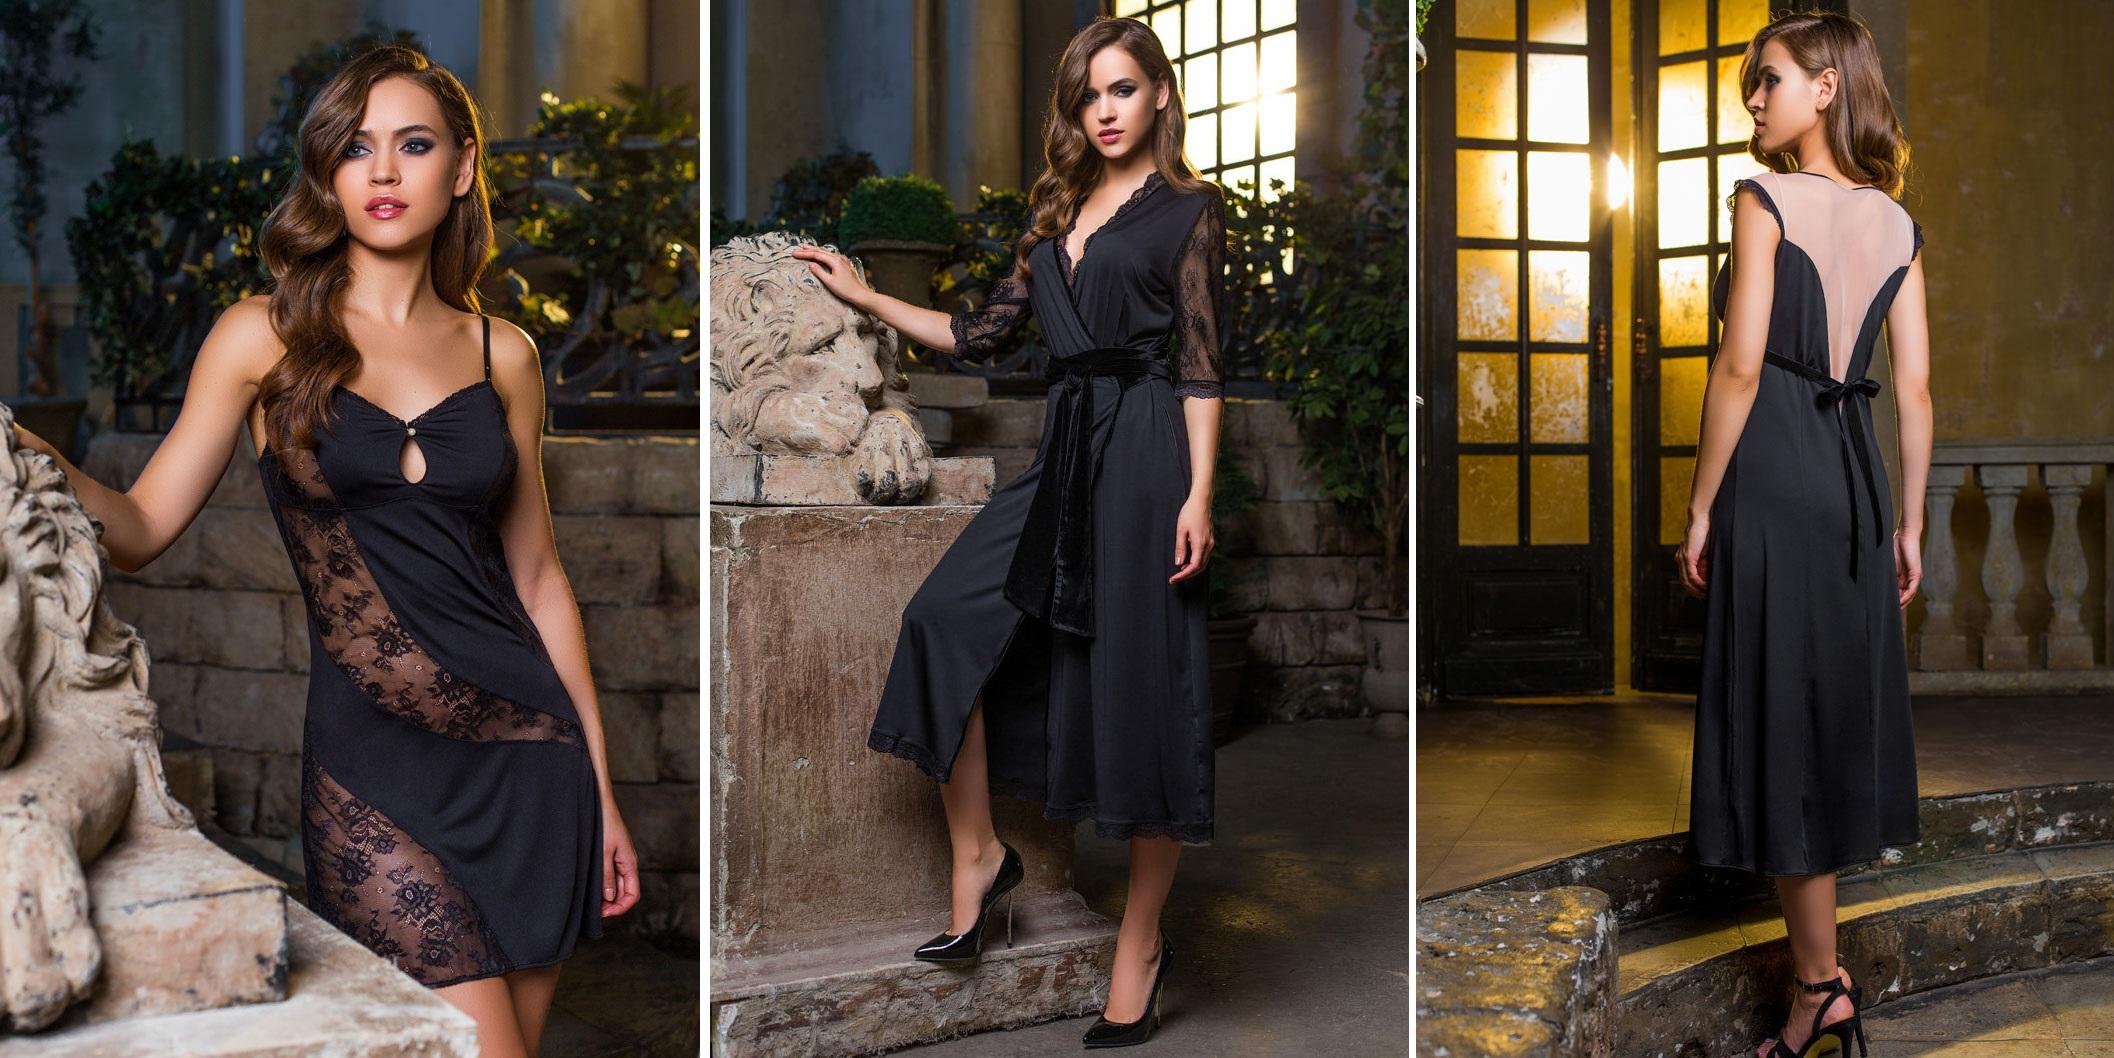 Женские сорочки и халаты Mia-Mia Elegance de Lux купить интернет-магазин